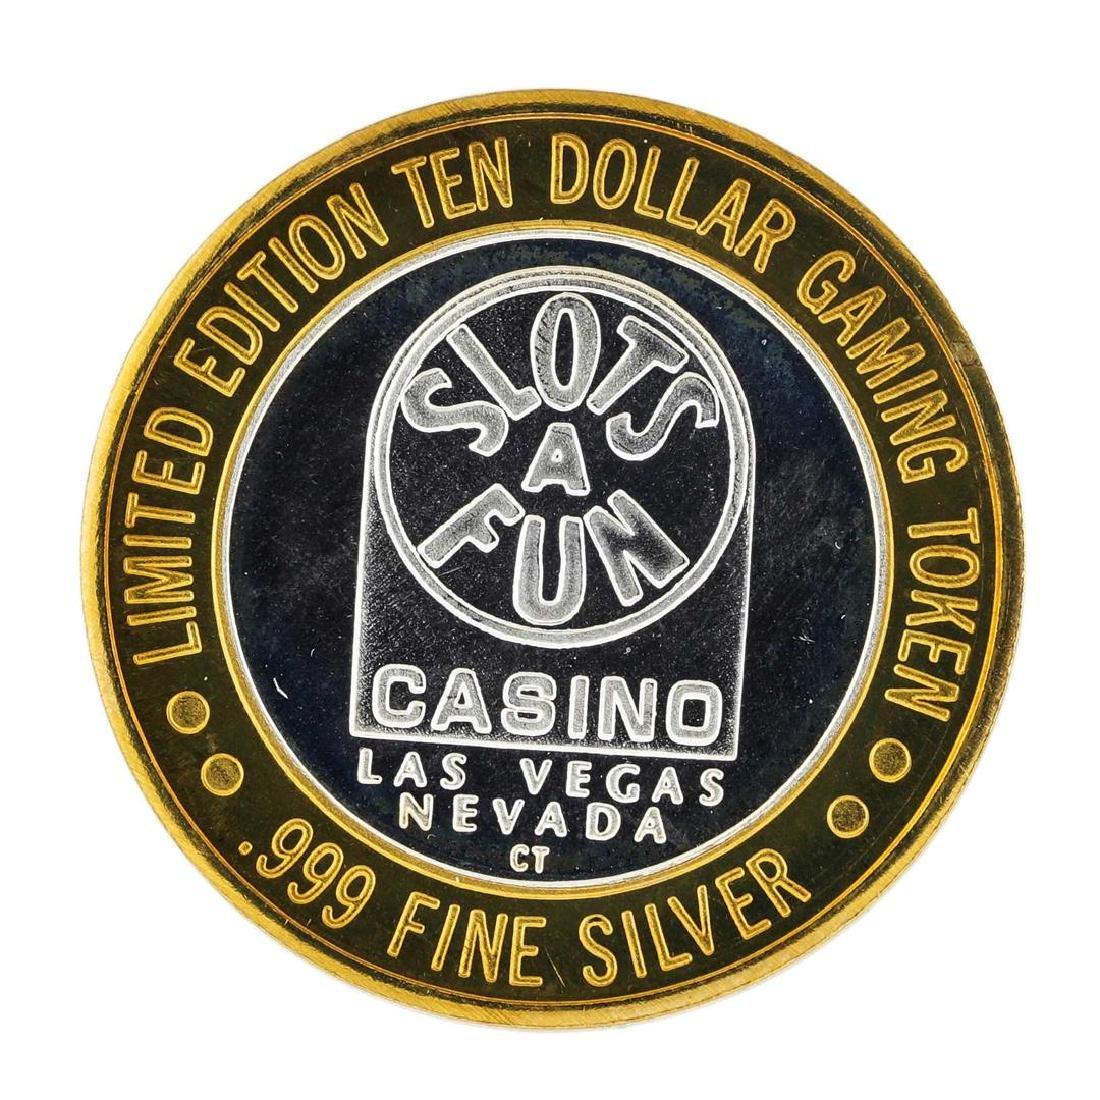 .999 Silver Slots A Fun Casino Las Vegas, NV $10